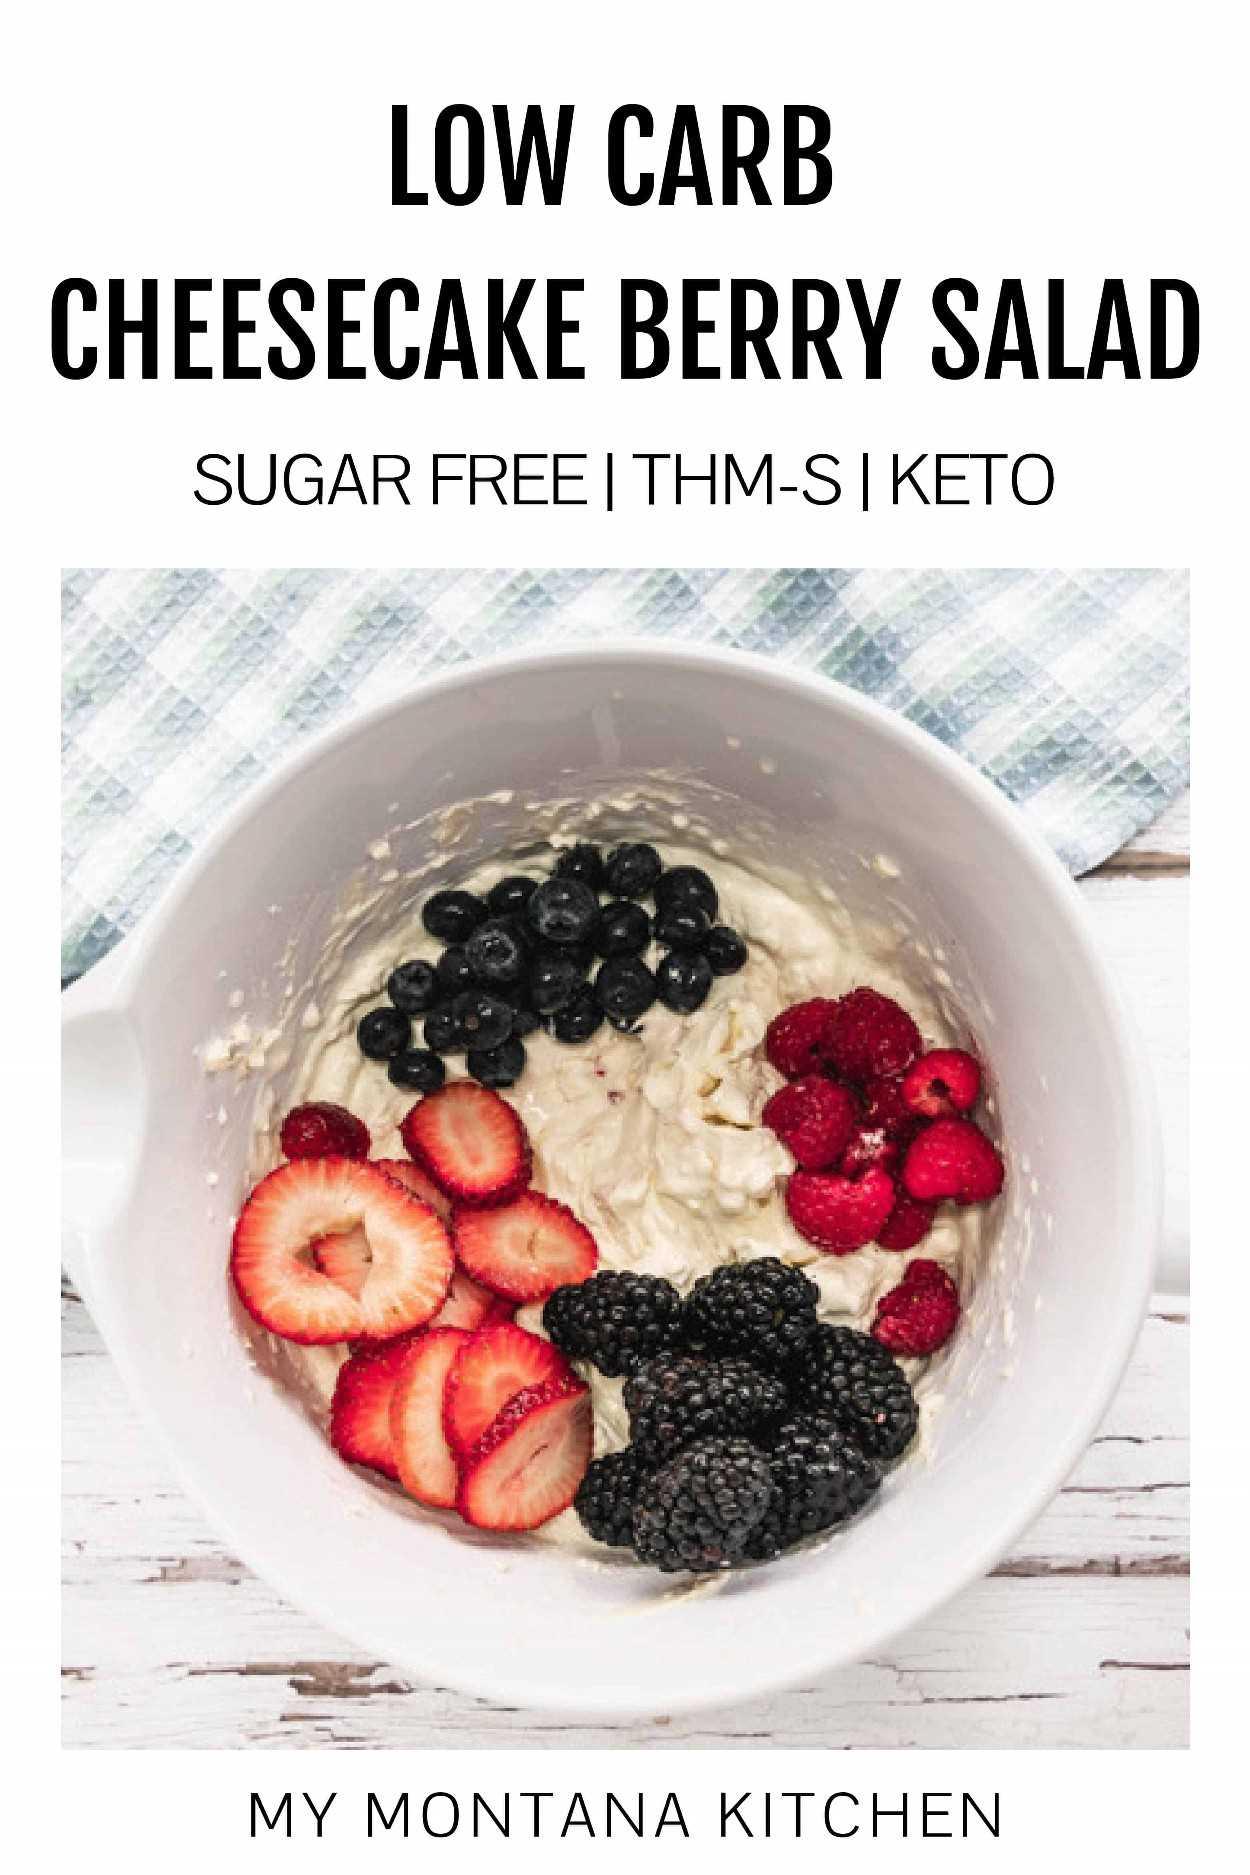 """Esta receita fácil de Salada de Cheesecake Berry funciona para ceto, THM e também é livre de açúcar. Frutas frescas envoltas em """"buço"""" de queijo são uma ótima sobremesa ou enfeite! #cheesecakeberrysalad #thm #keto"""